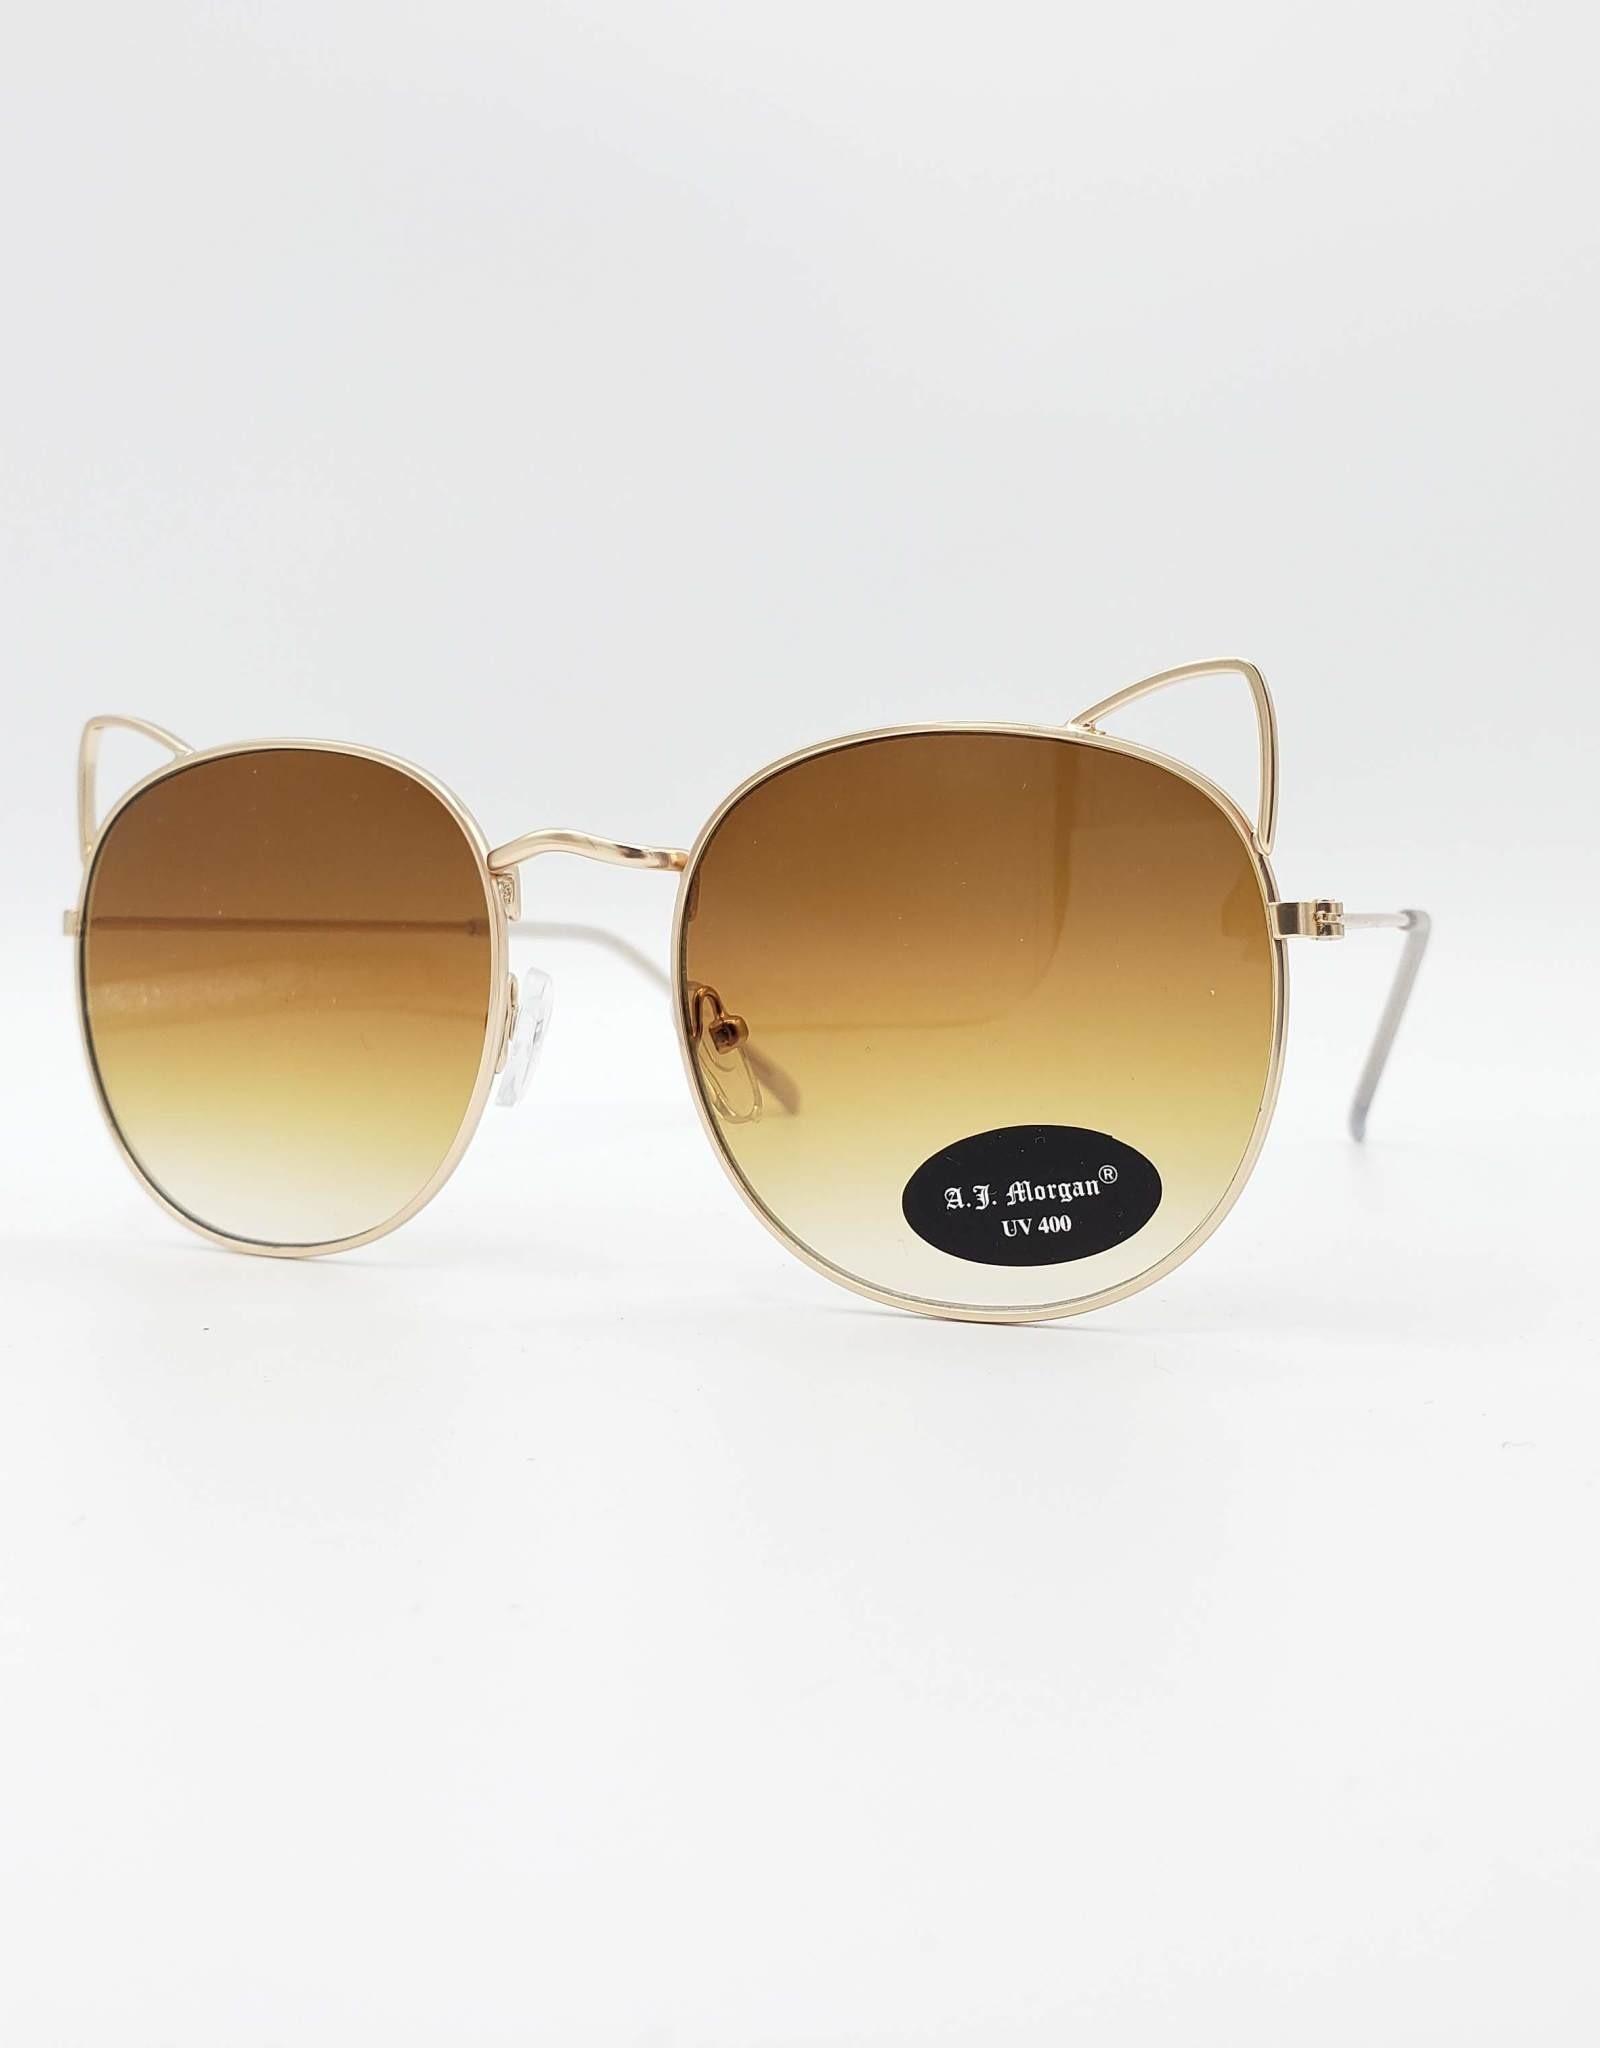 AJ Morgan Cat Ear Sunglasses, AJ Morgan